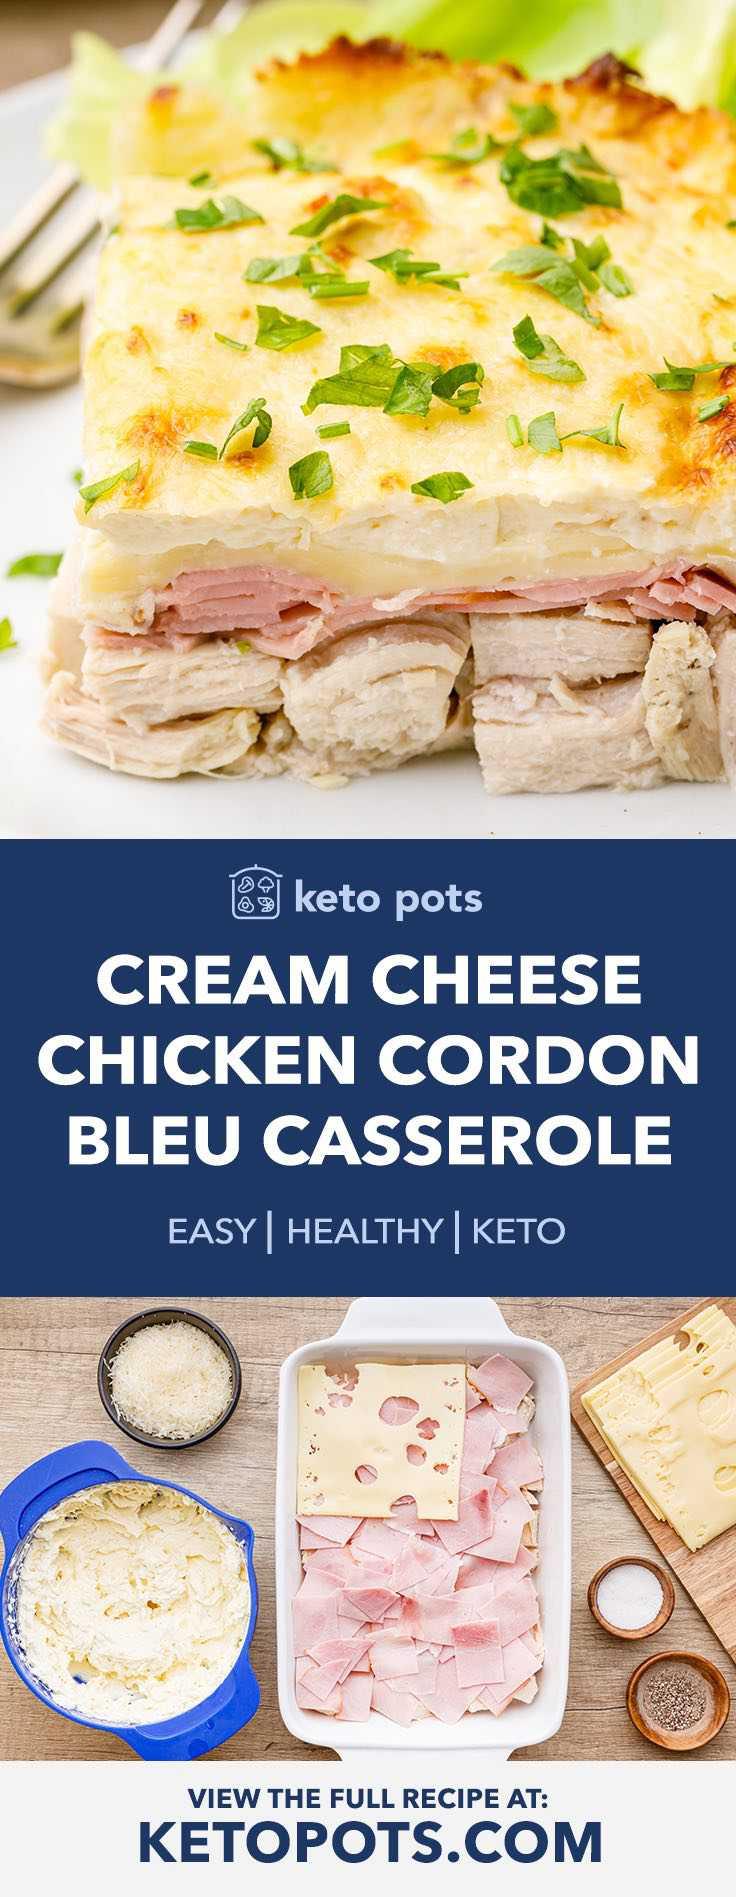 Cream Cheese Keto Chicken Cordon Bleu Casserole